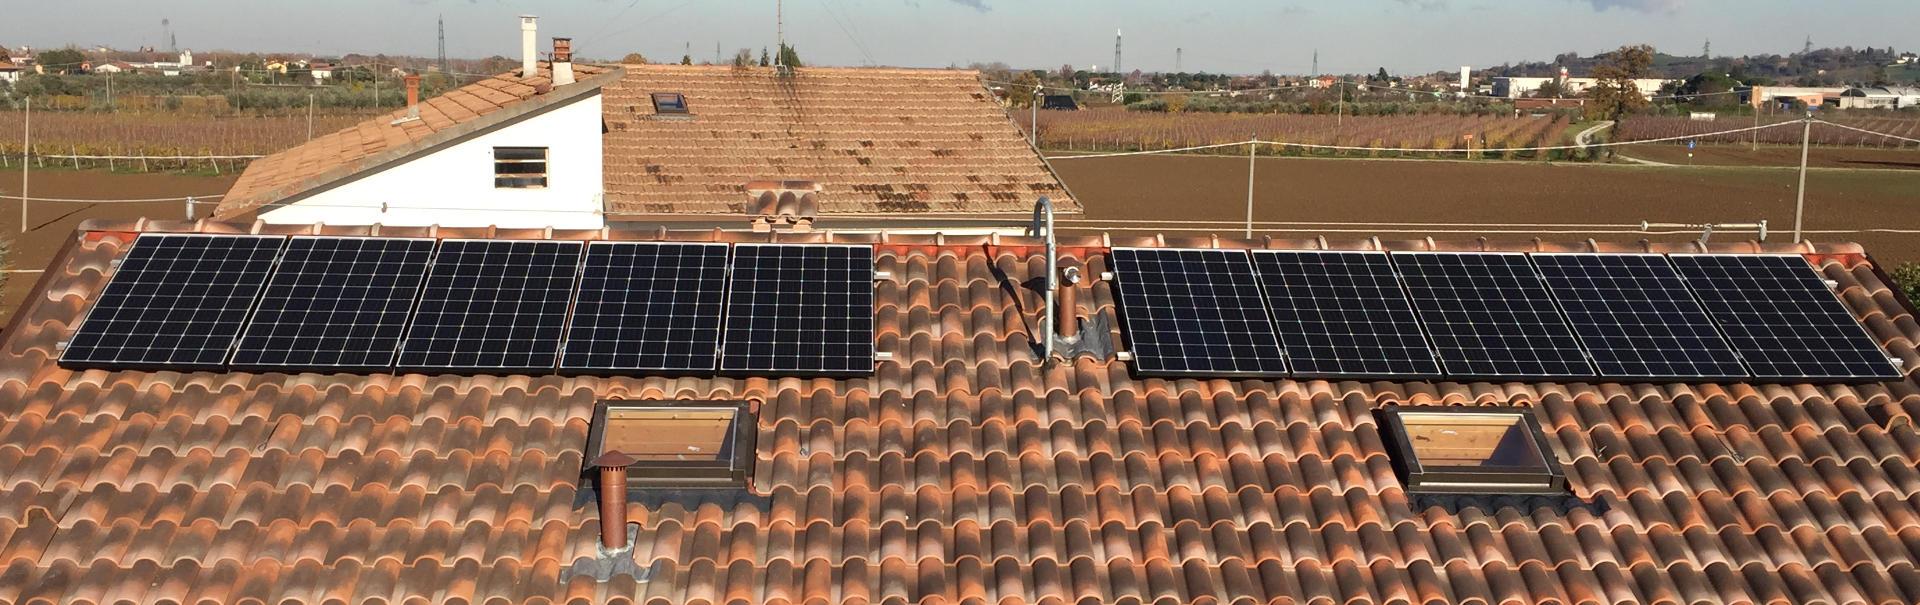 Impianto fotovoltaico per abitazione privata Rimini, Cesena, Ravenna